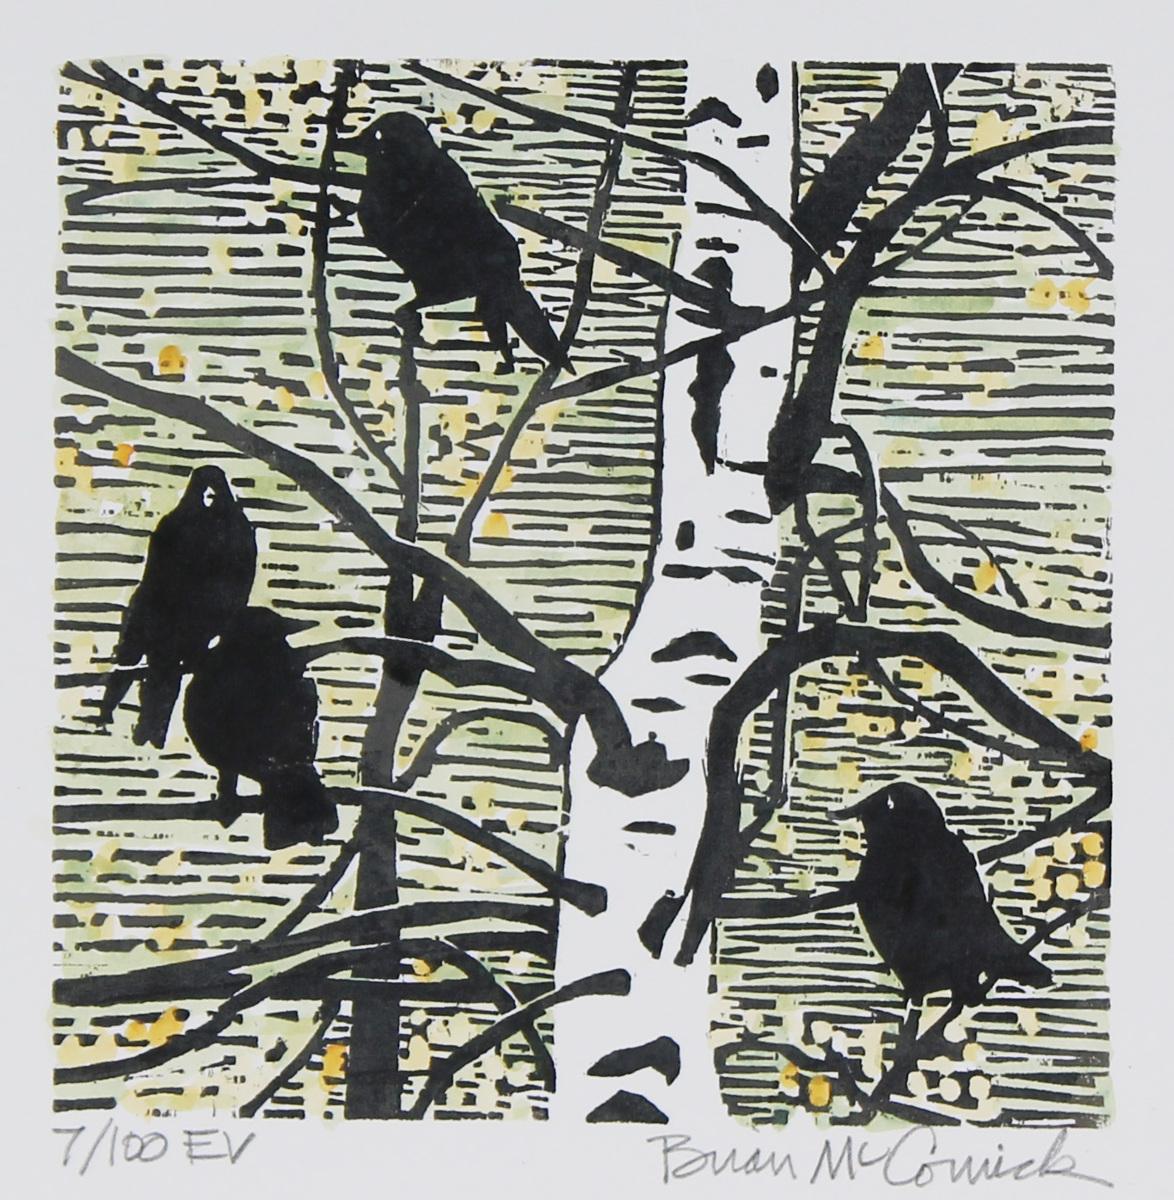 Four Crows, 7/100 EV (large view)